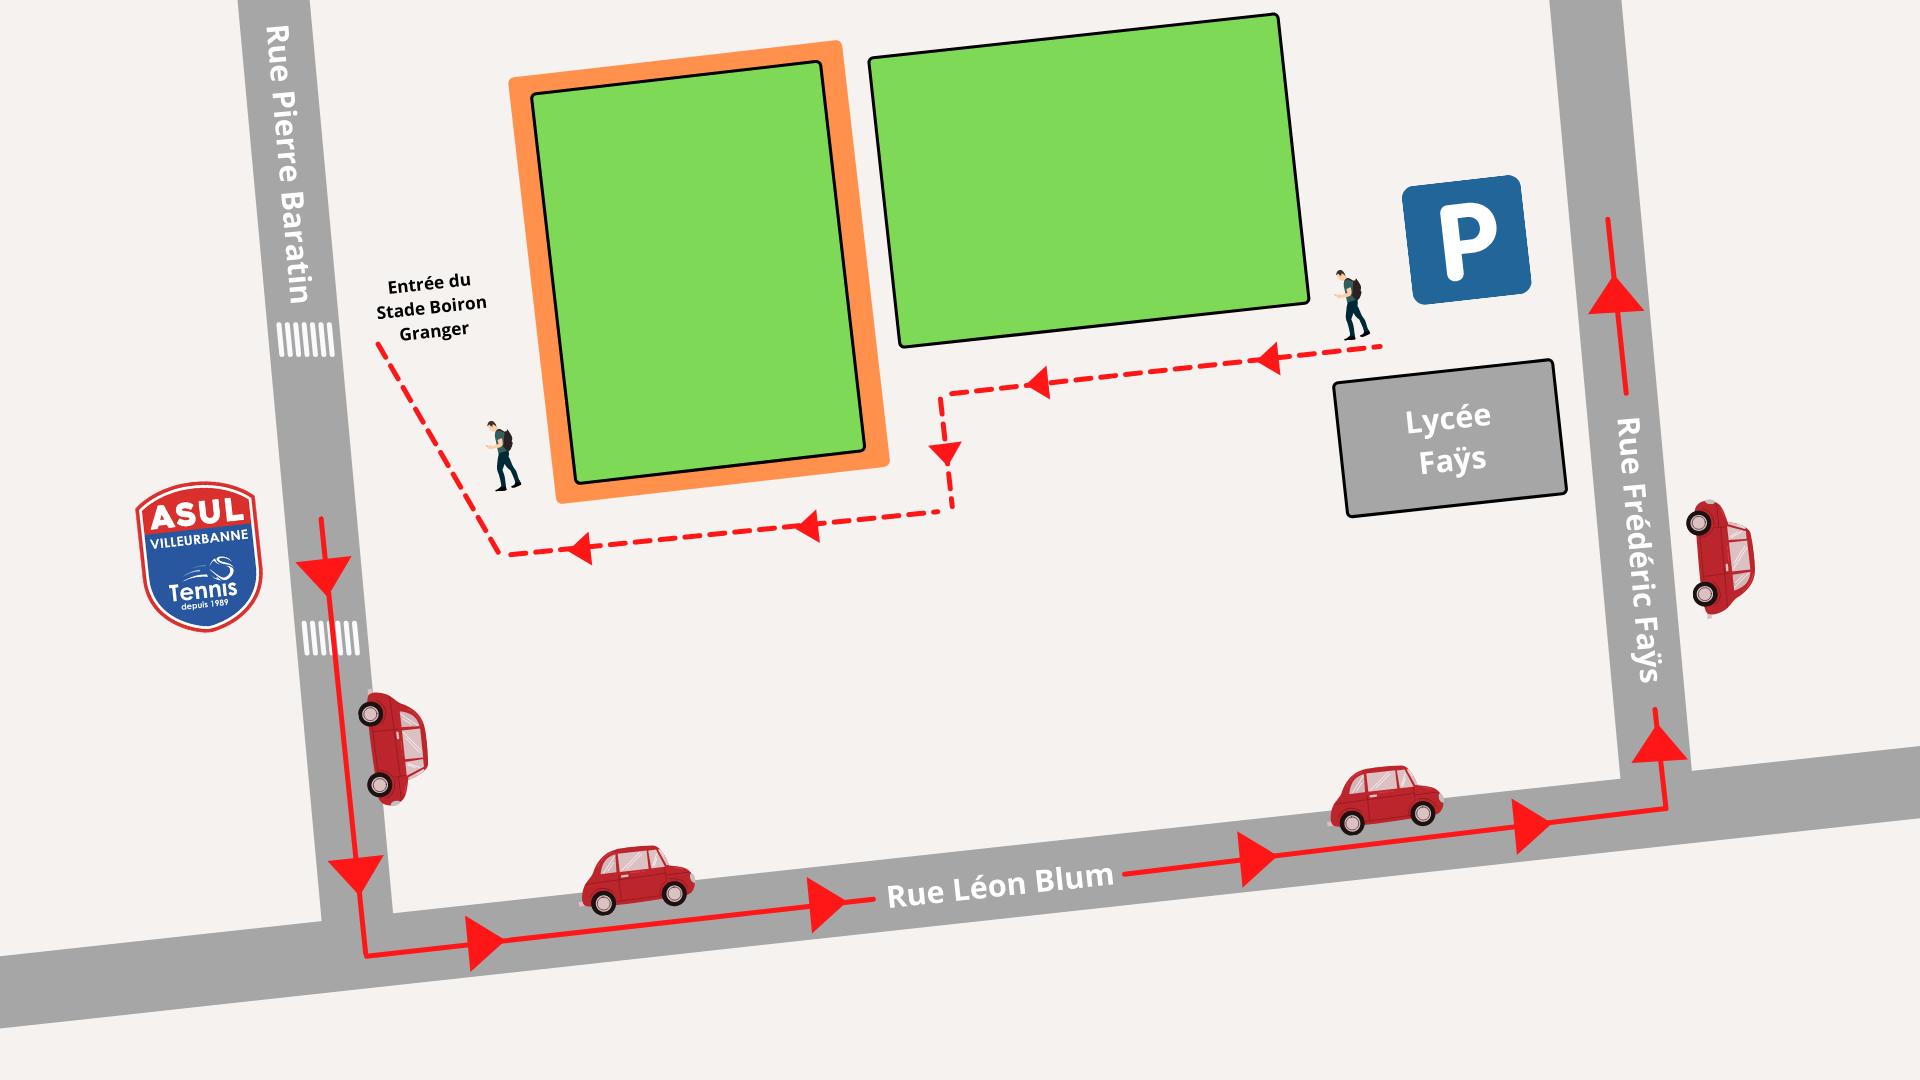 Plan de stationnement - travaux ASUL tennis (1)